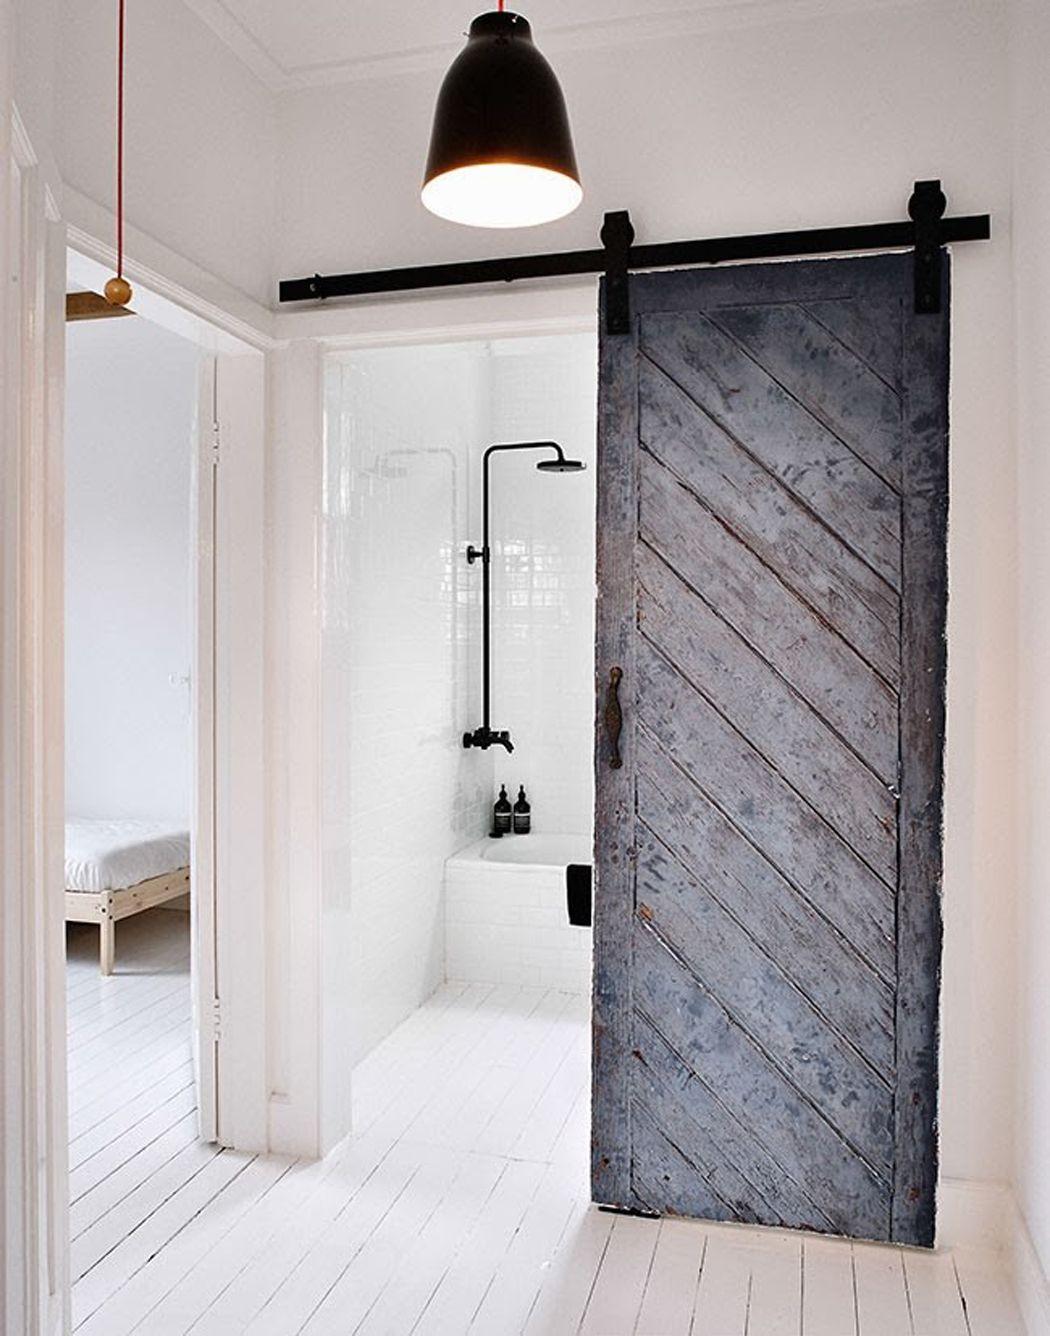 belle porte coulissante design dans un appartement a l interieur scandinave